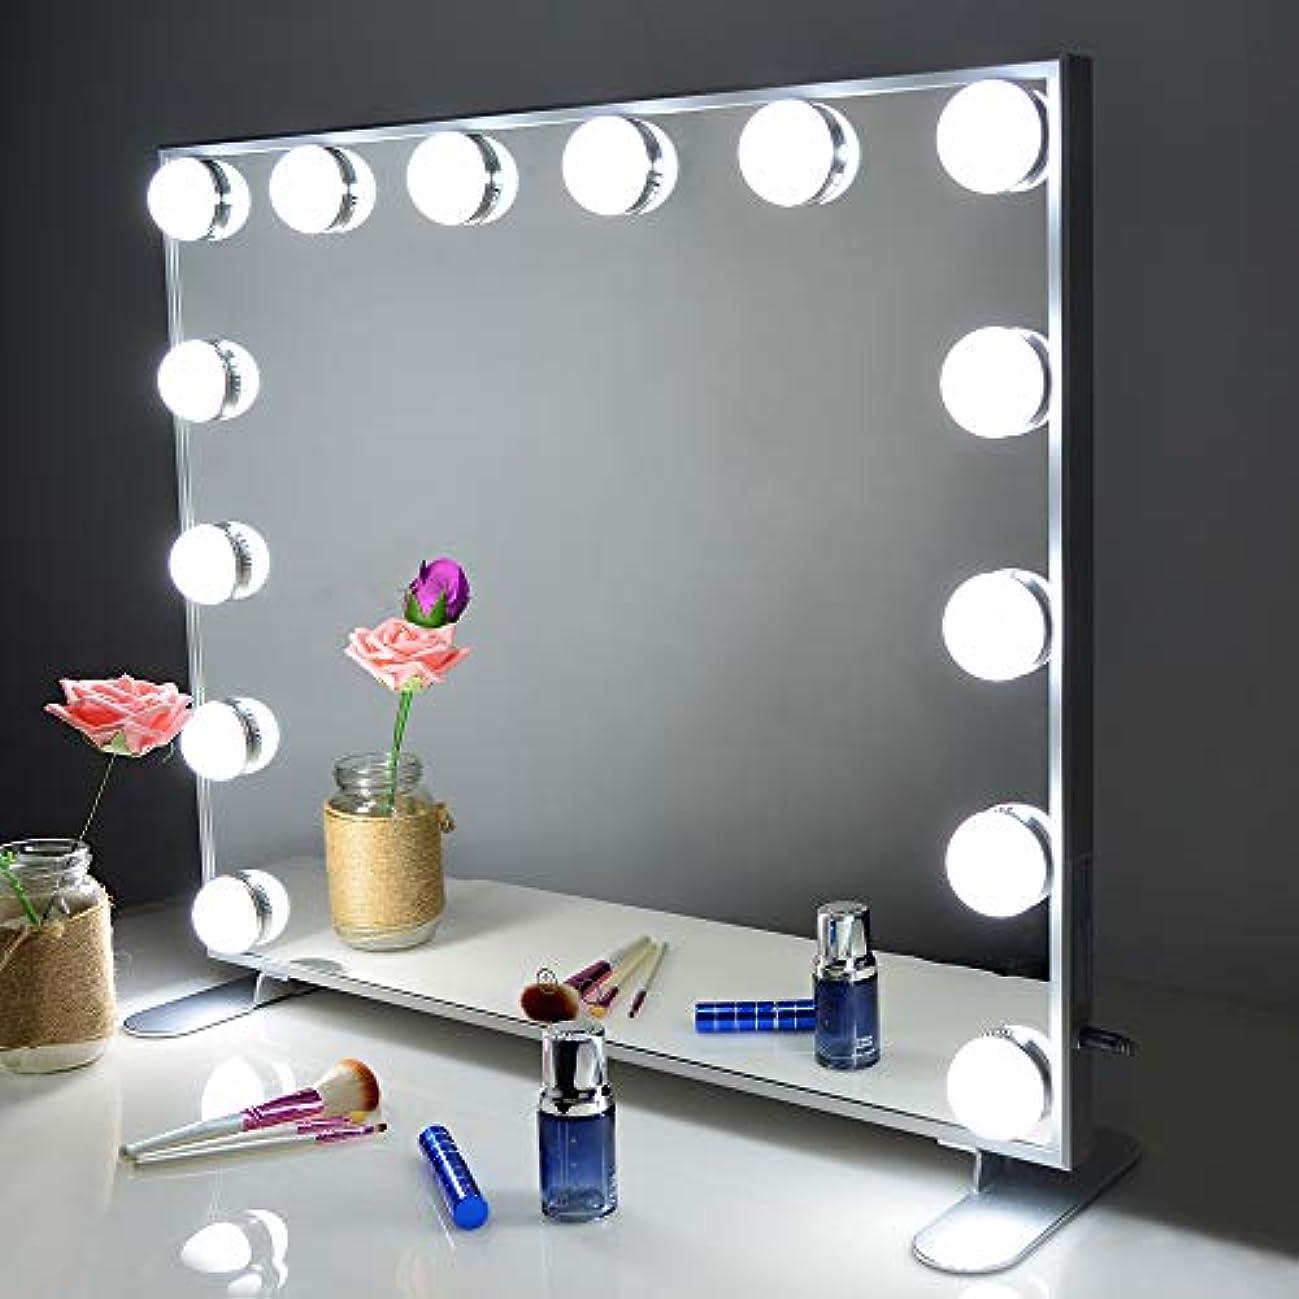 便宜ローブスイWonstart 女優ミラー 化粧鏡 ハリウッドスタイル 14個LED電球付き 暖色?寒色 2色ライトモード 明るさ調節可能 女優ライト 卓上 LEDミラー ドレッサー/化粧台適用(シルバー)